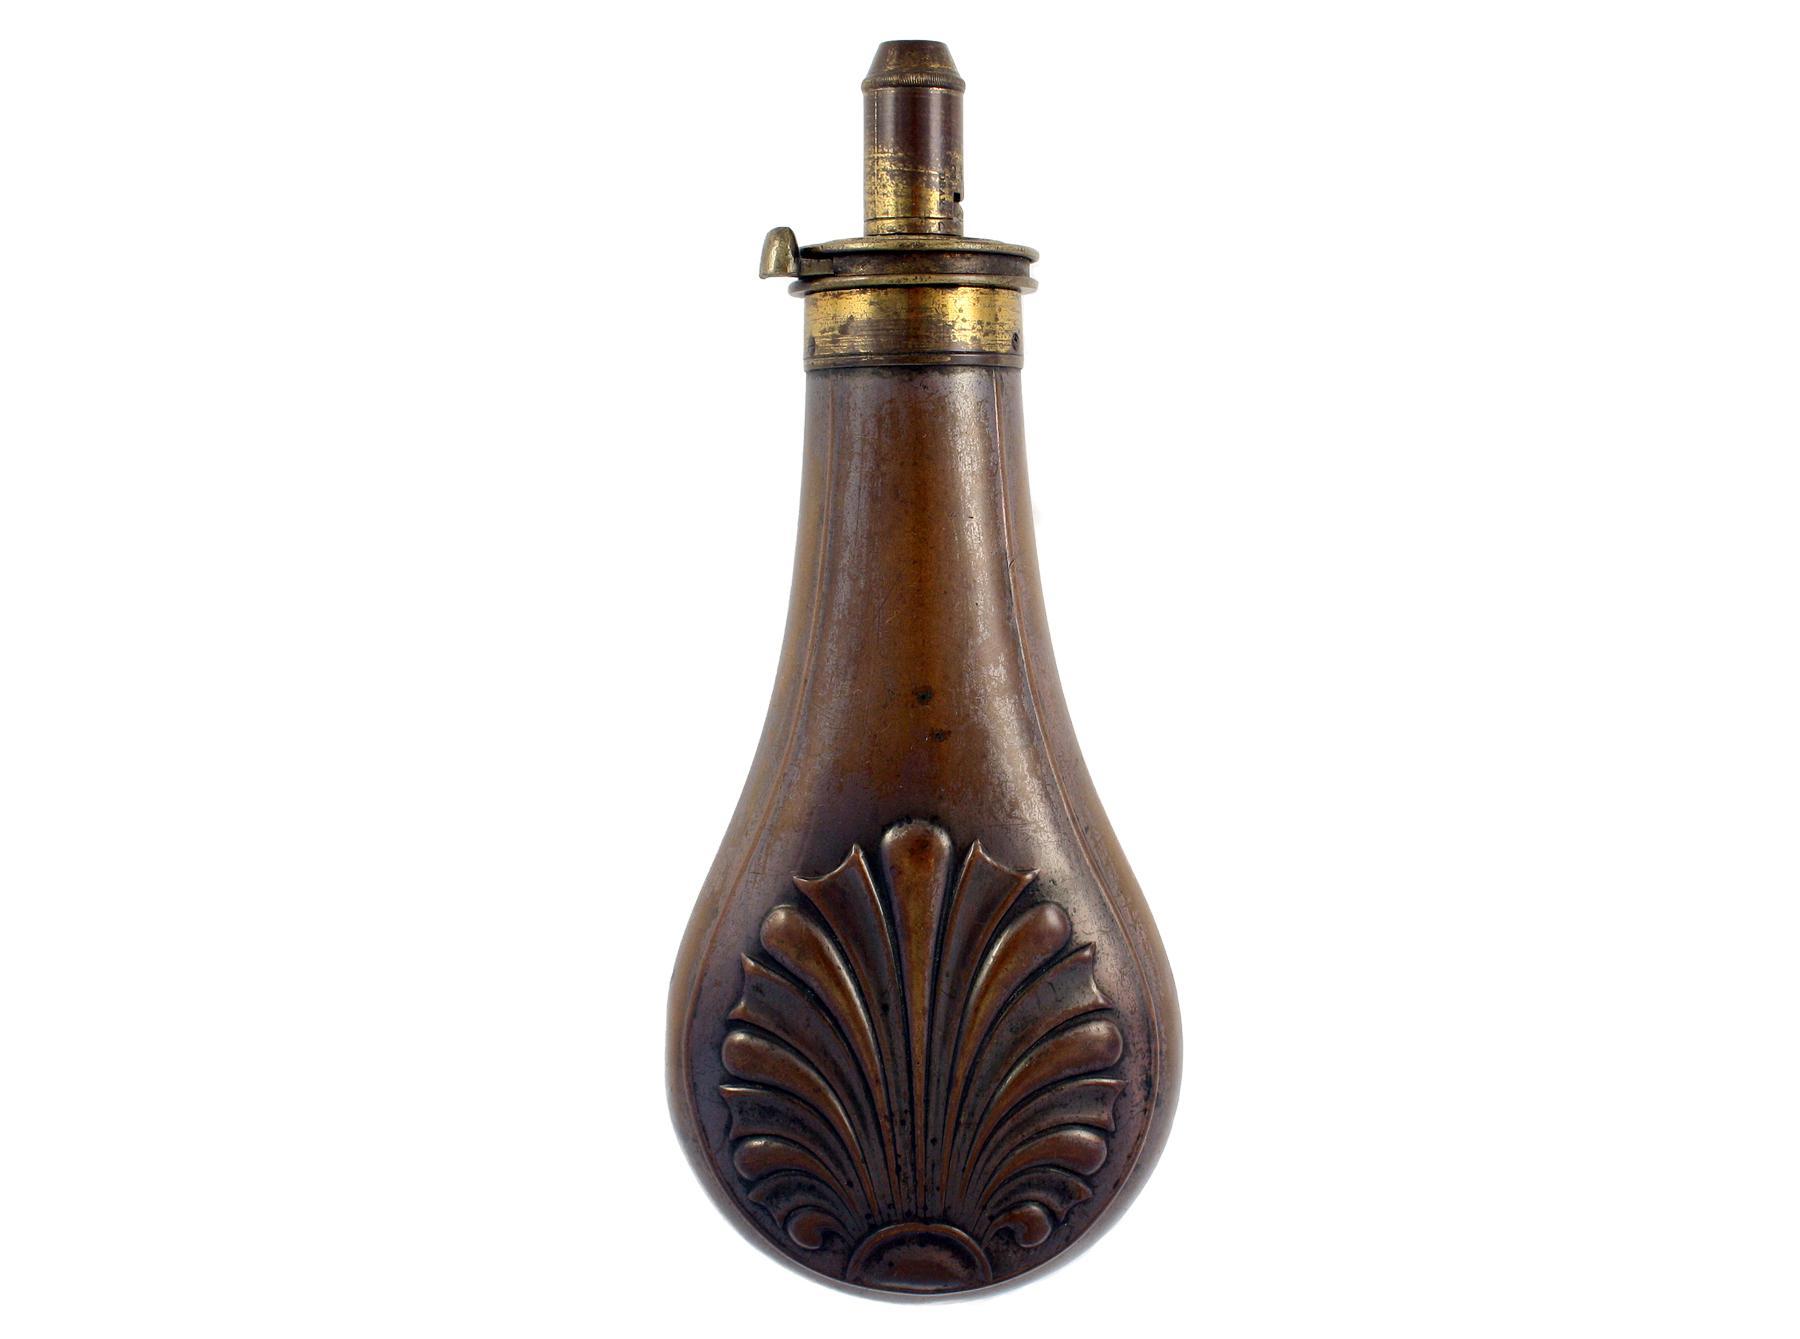 A Powder Flask